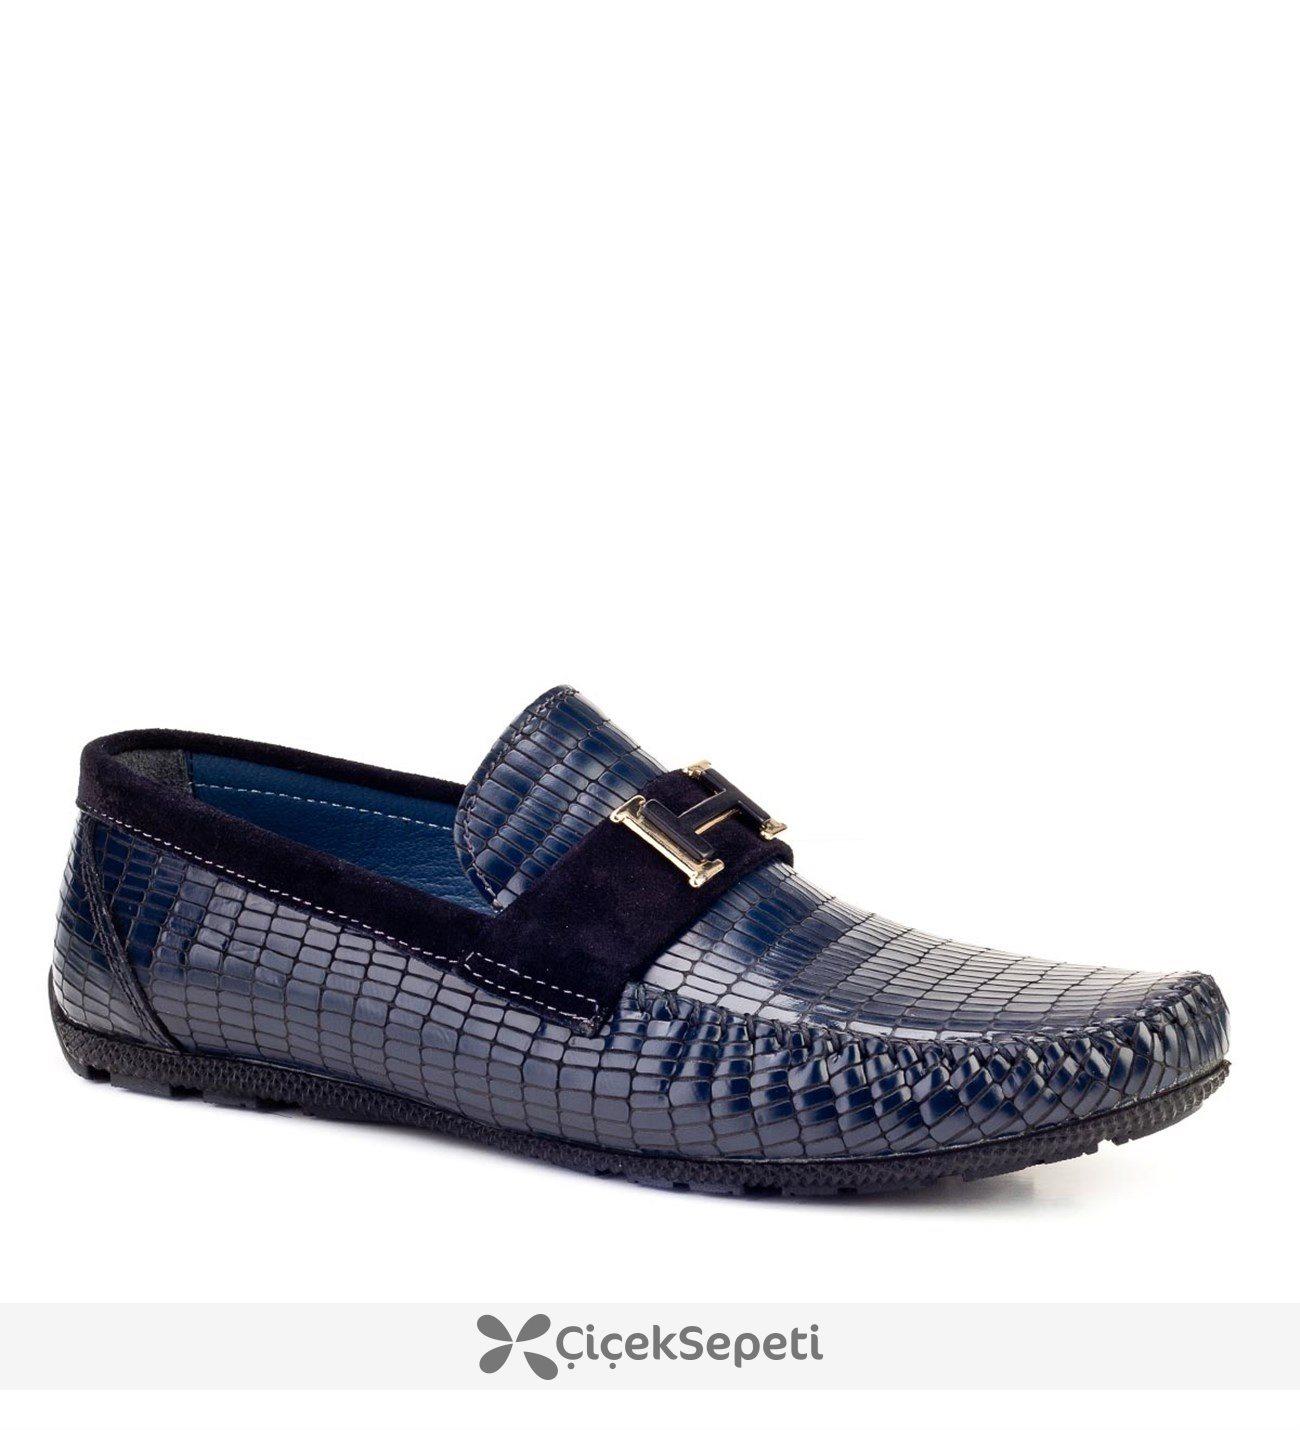 Cabani Tokalı Loafer Günlük Erkek Ayakkabı Lacivert Rugan